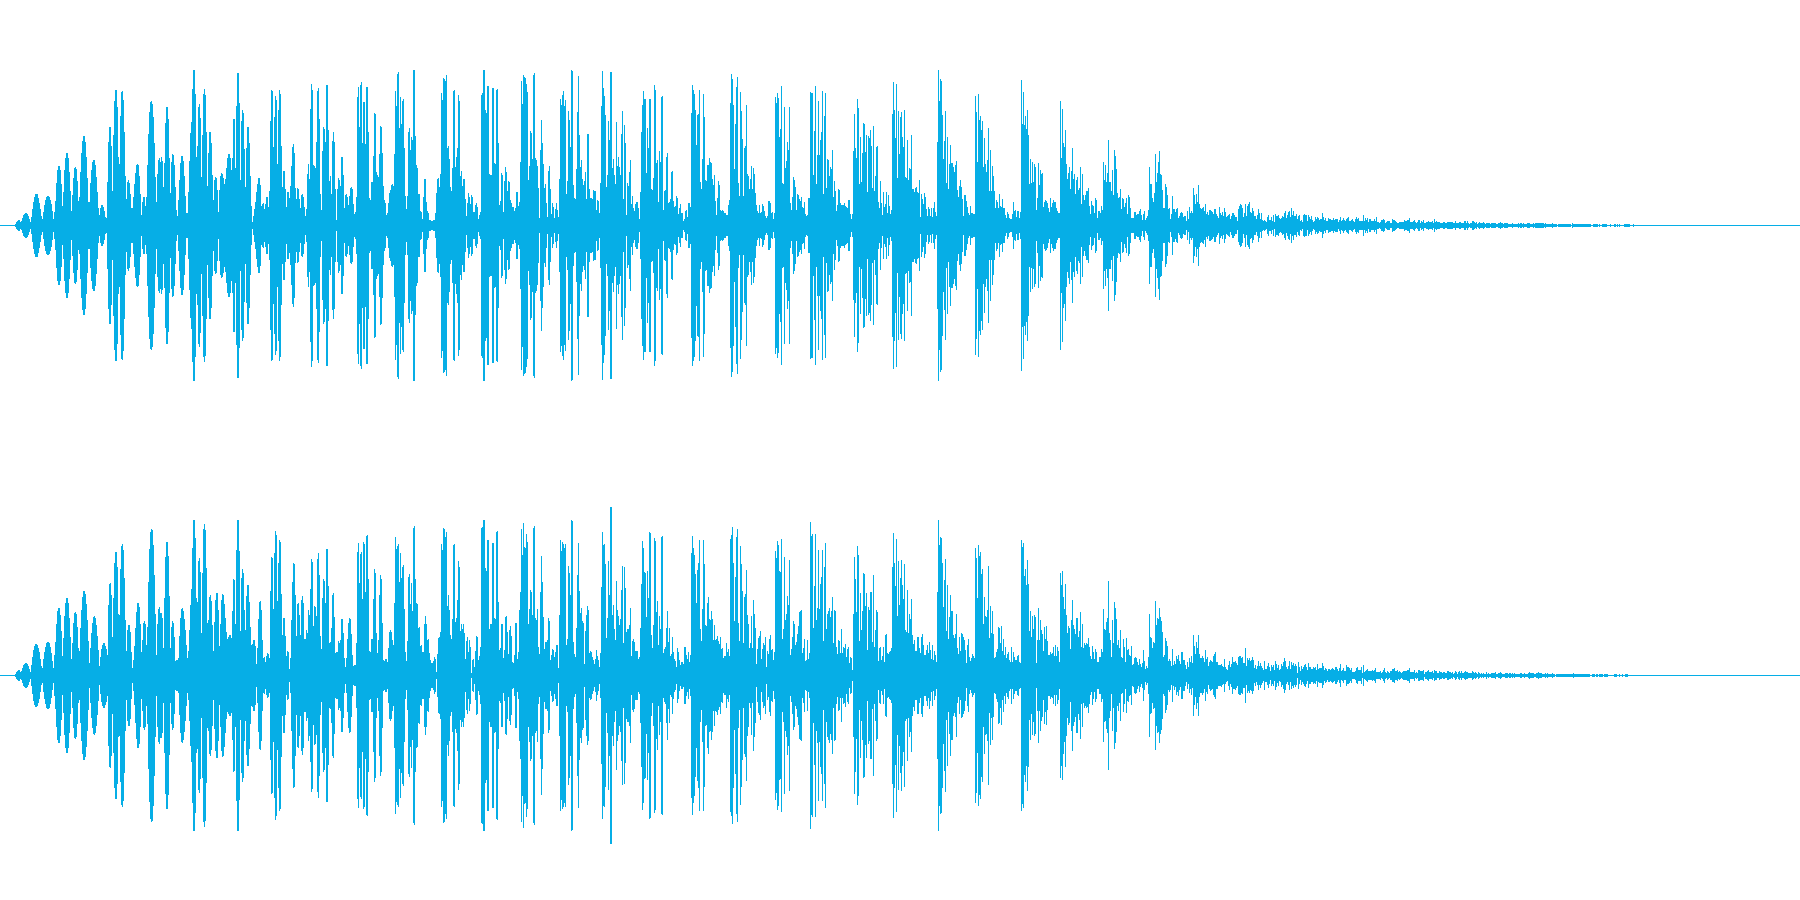 シャララ系アップ(ぷわぷわ)の再生済みの波形